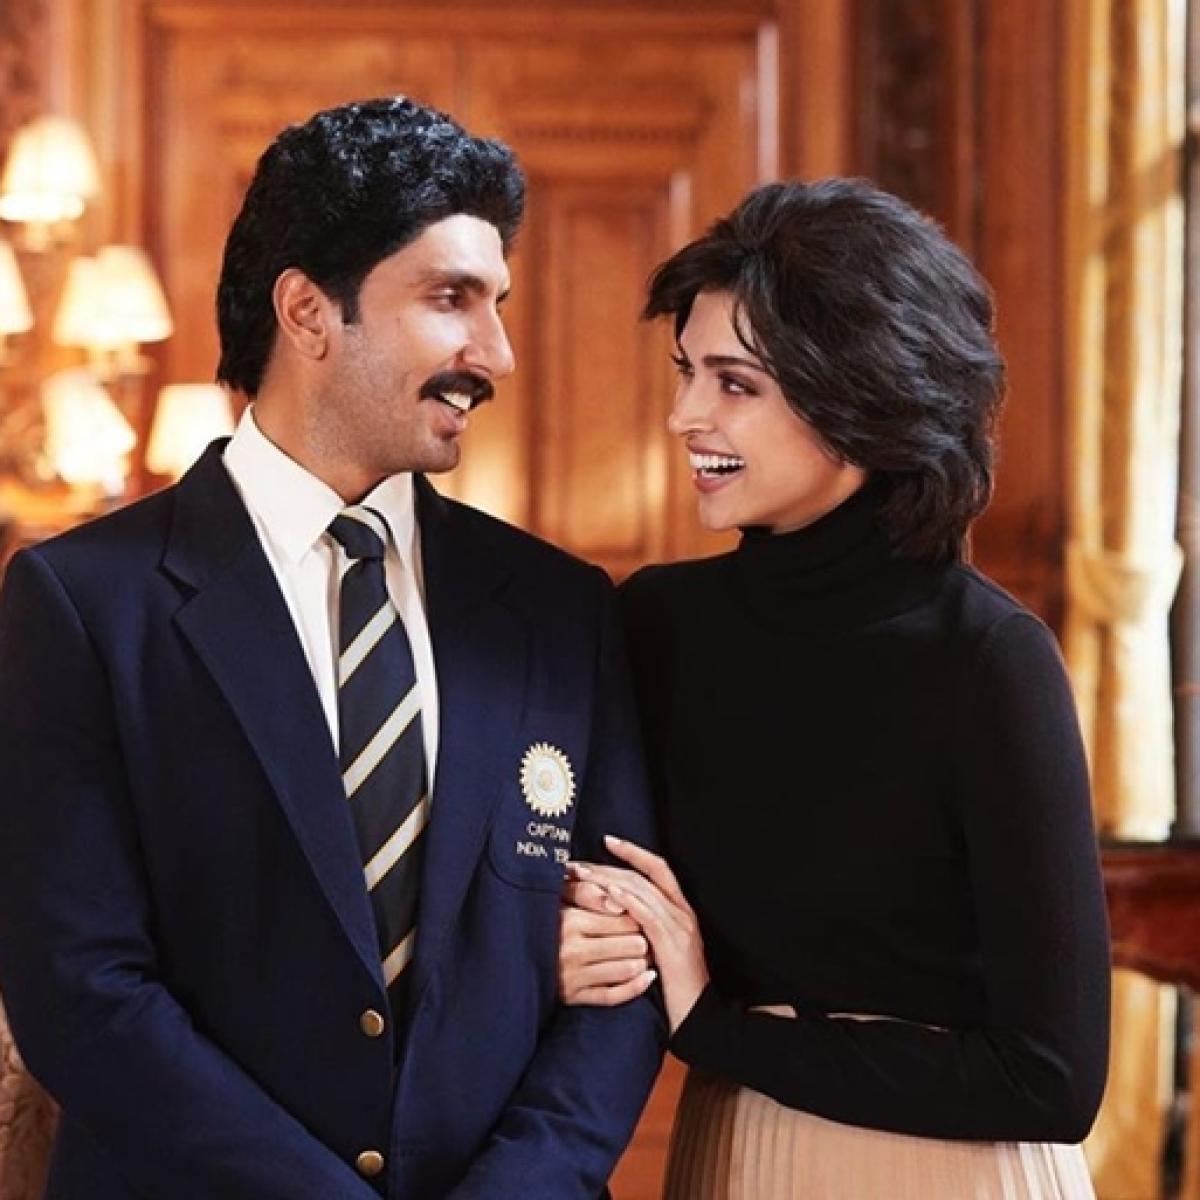 Deepika Padukone shares her first look as Romi Dev in '83